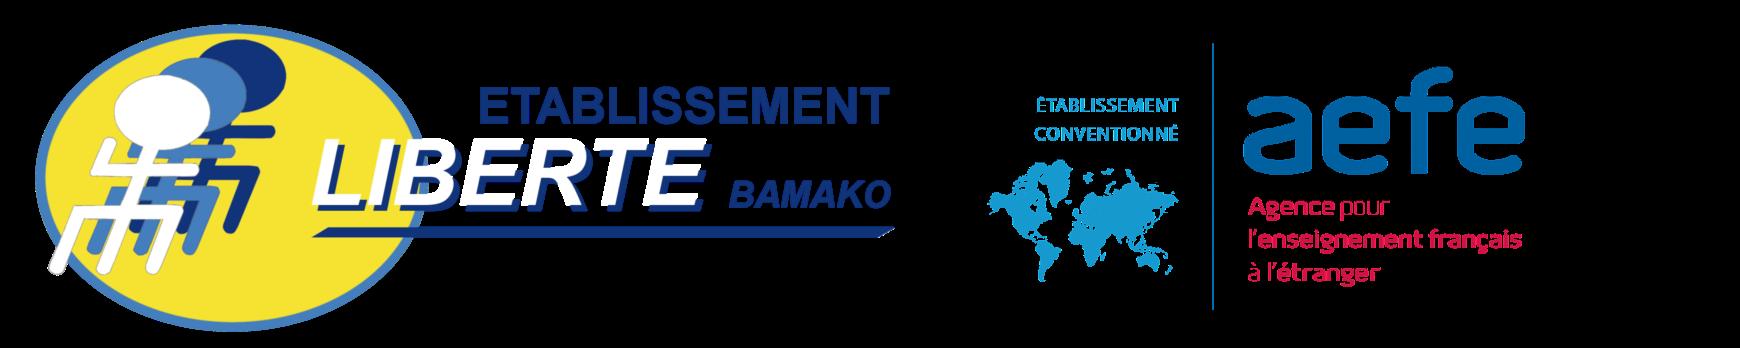 Etablissement LIBERTÉ Bamako